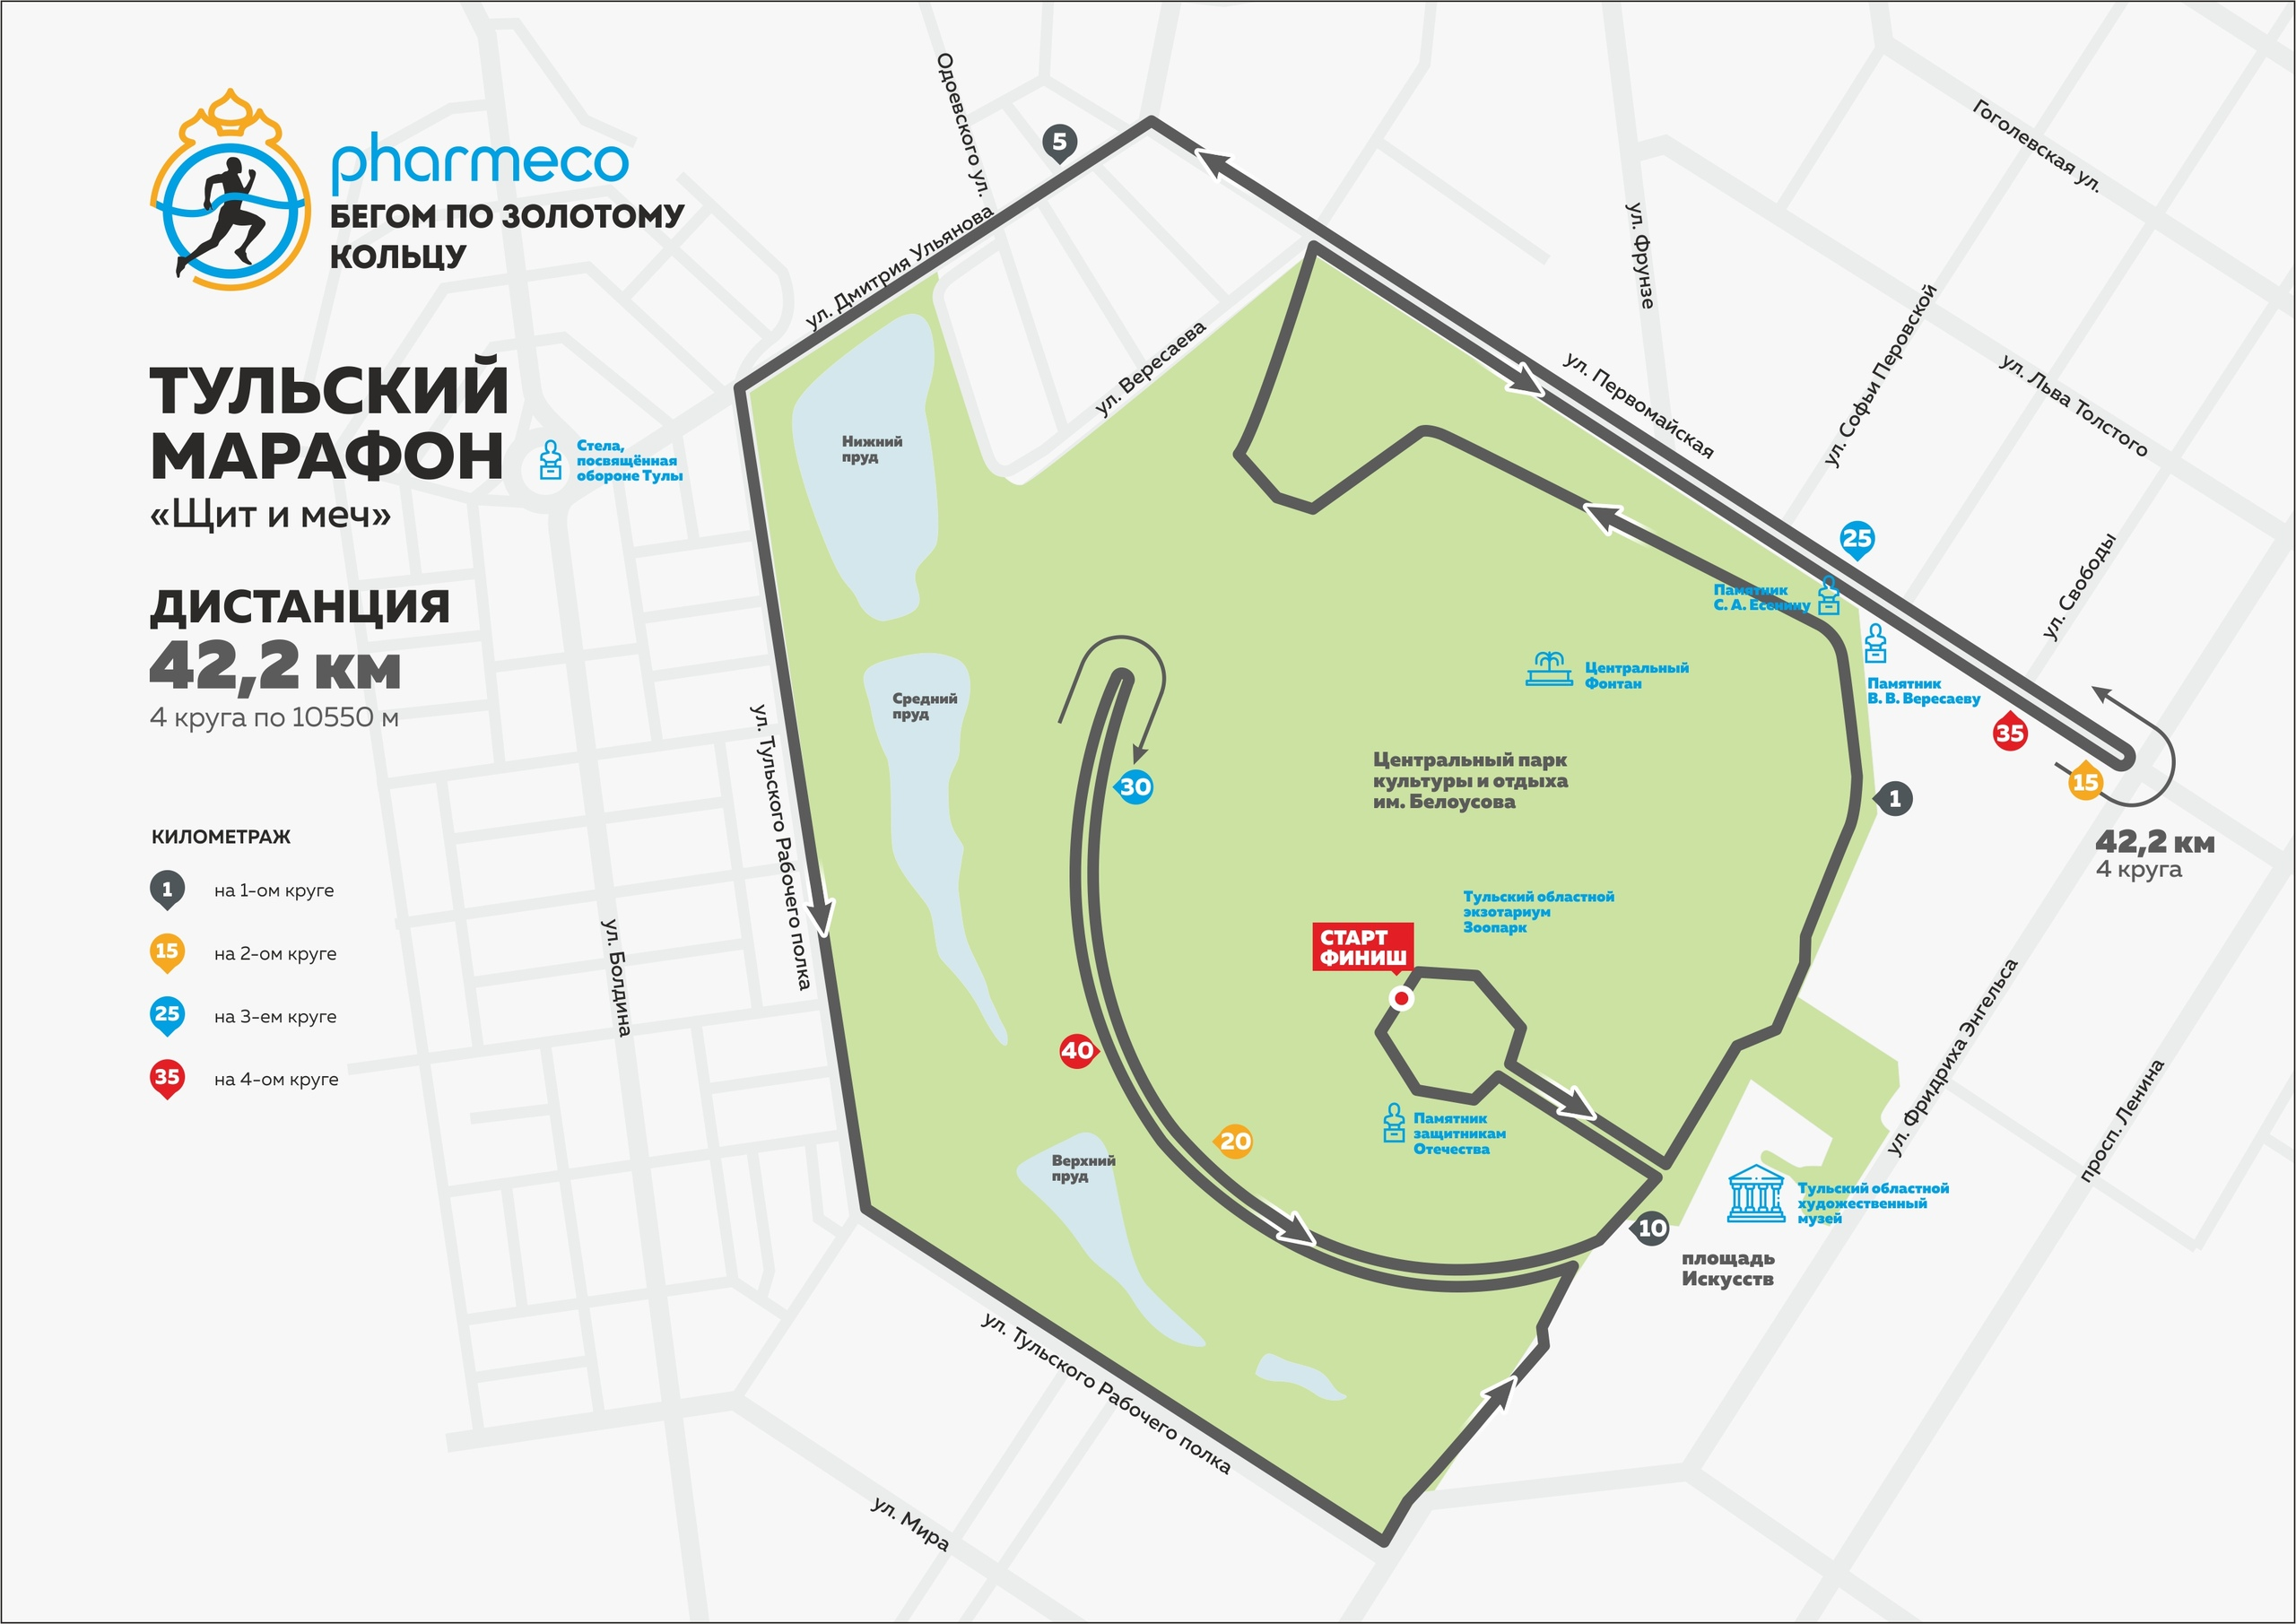 Дистанция 42,2 км Тульского марафона